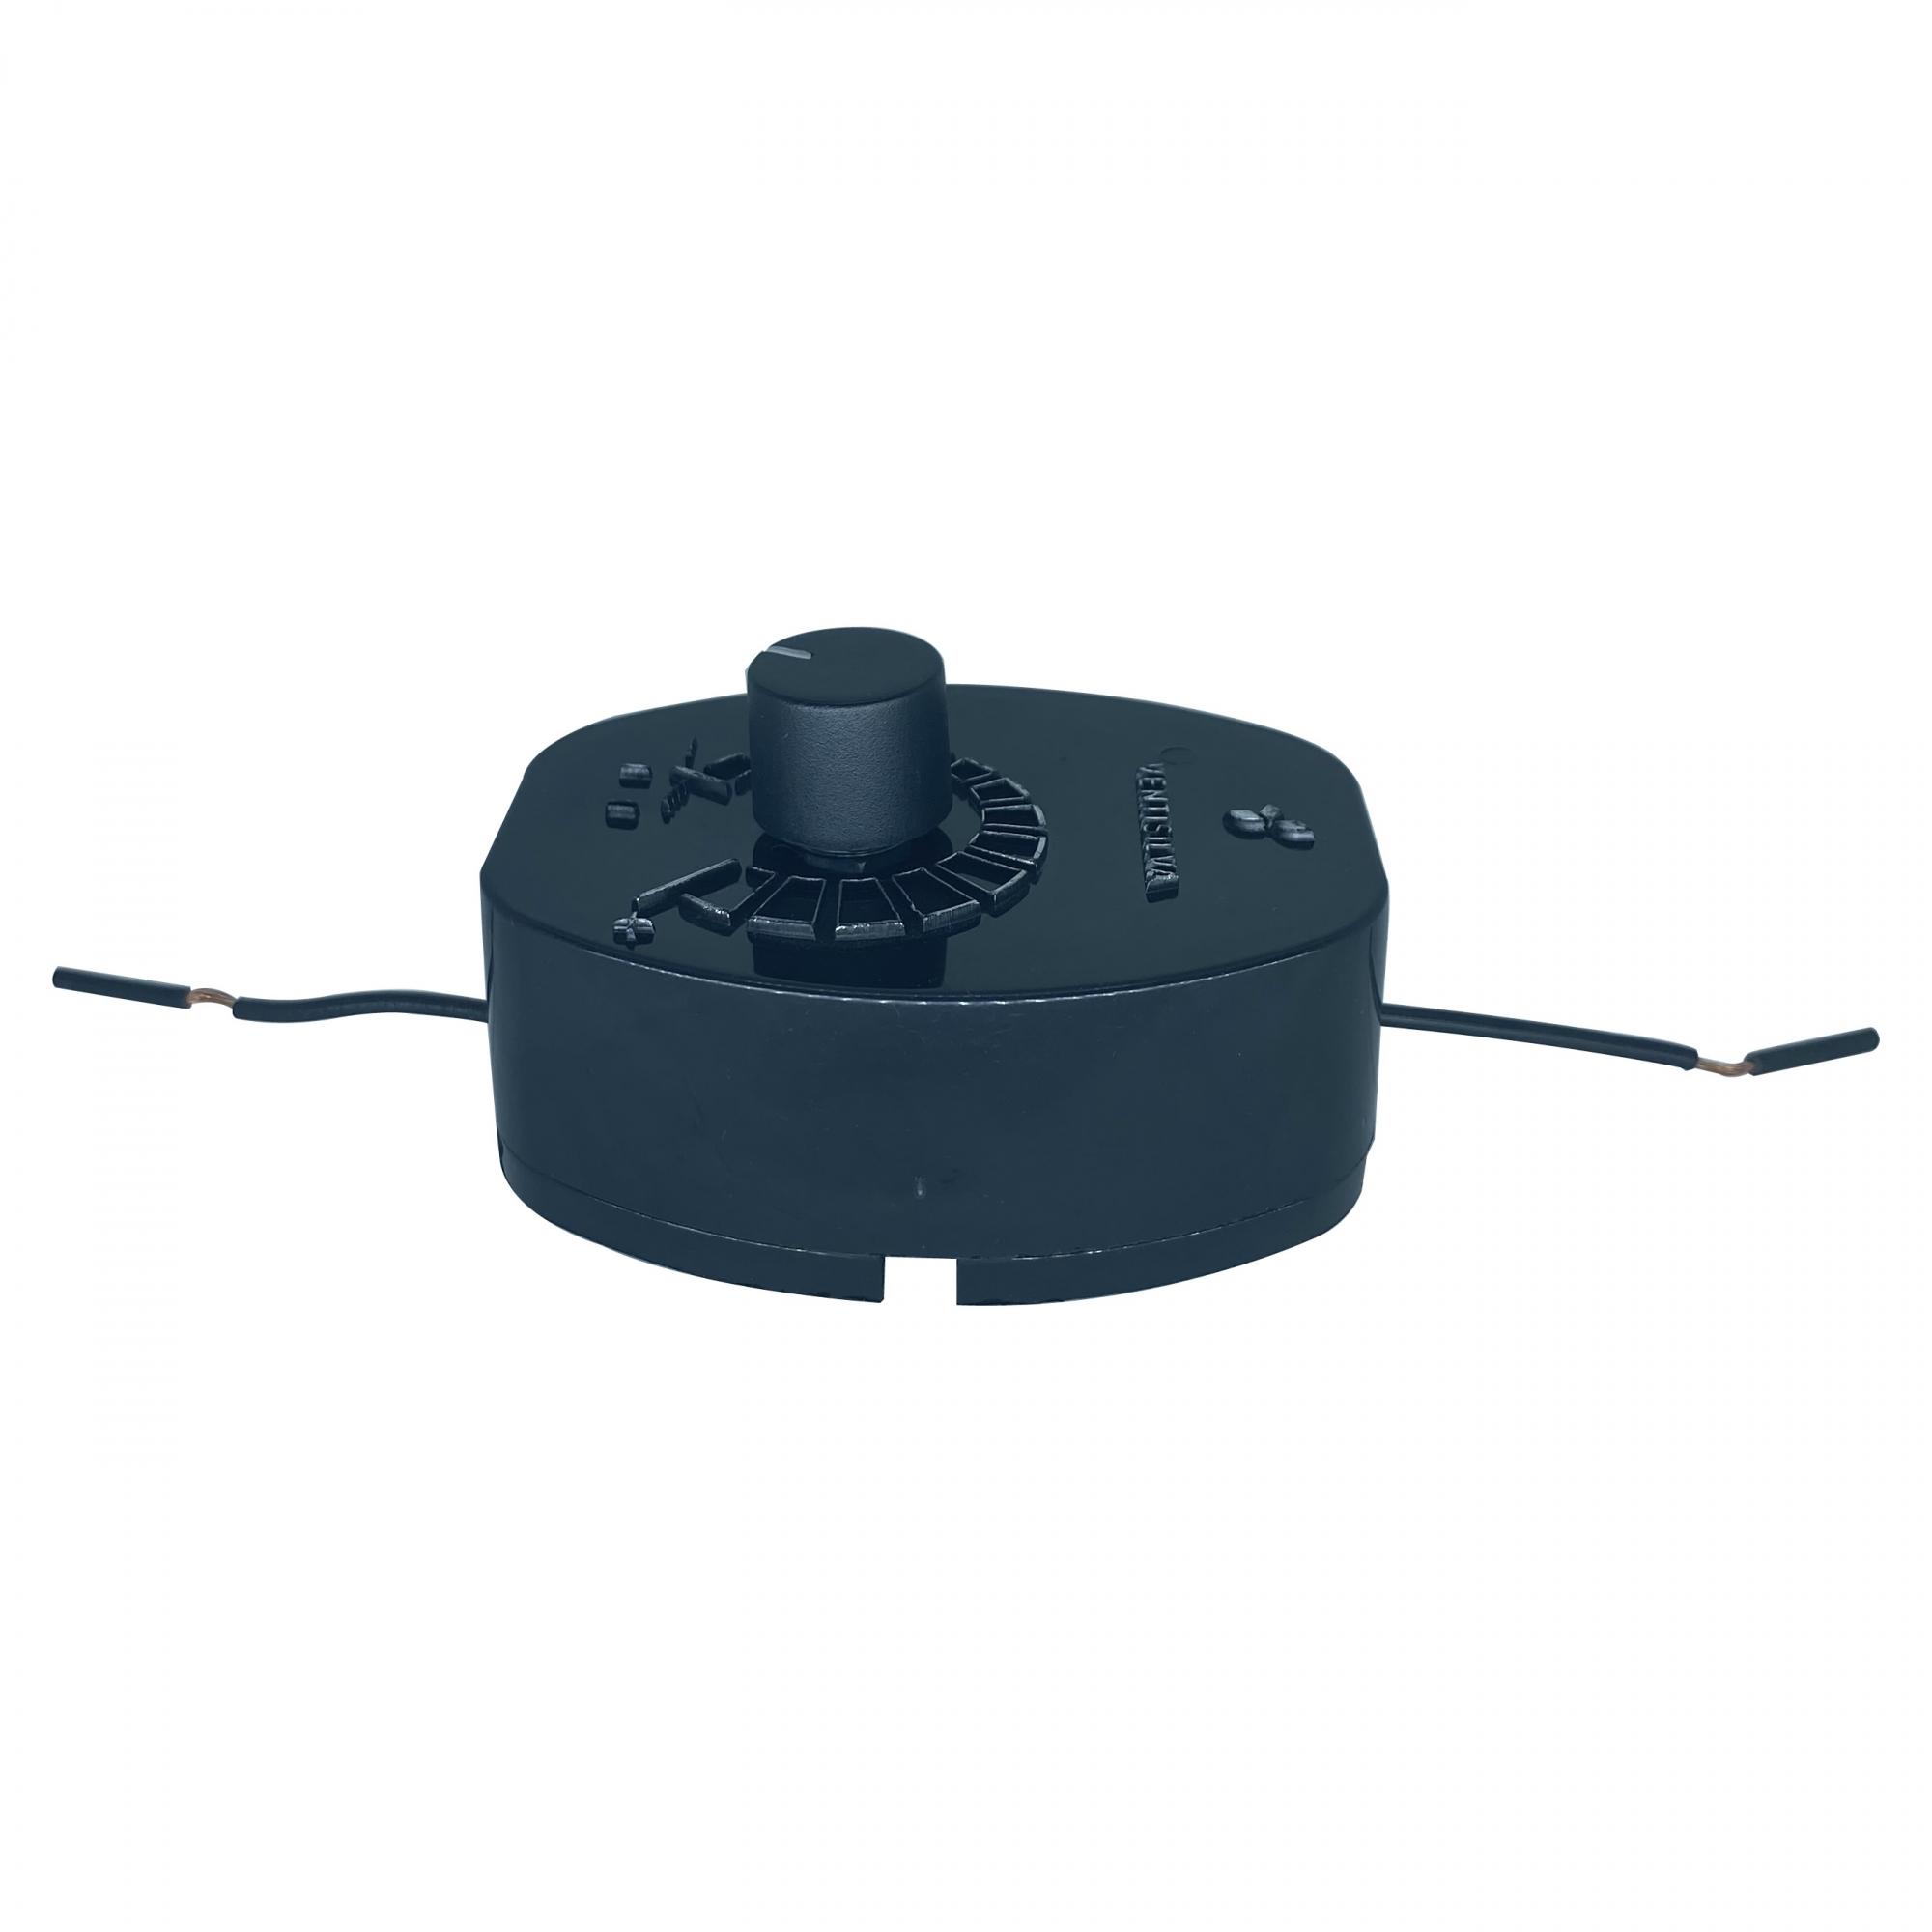 Controle de Velocidade para Exaustor 20cm | Dimmer - Ventisilva